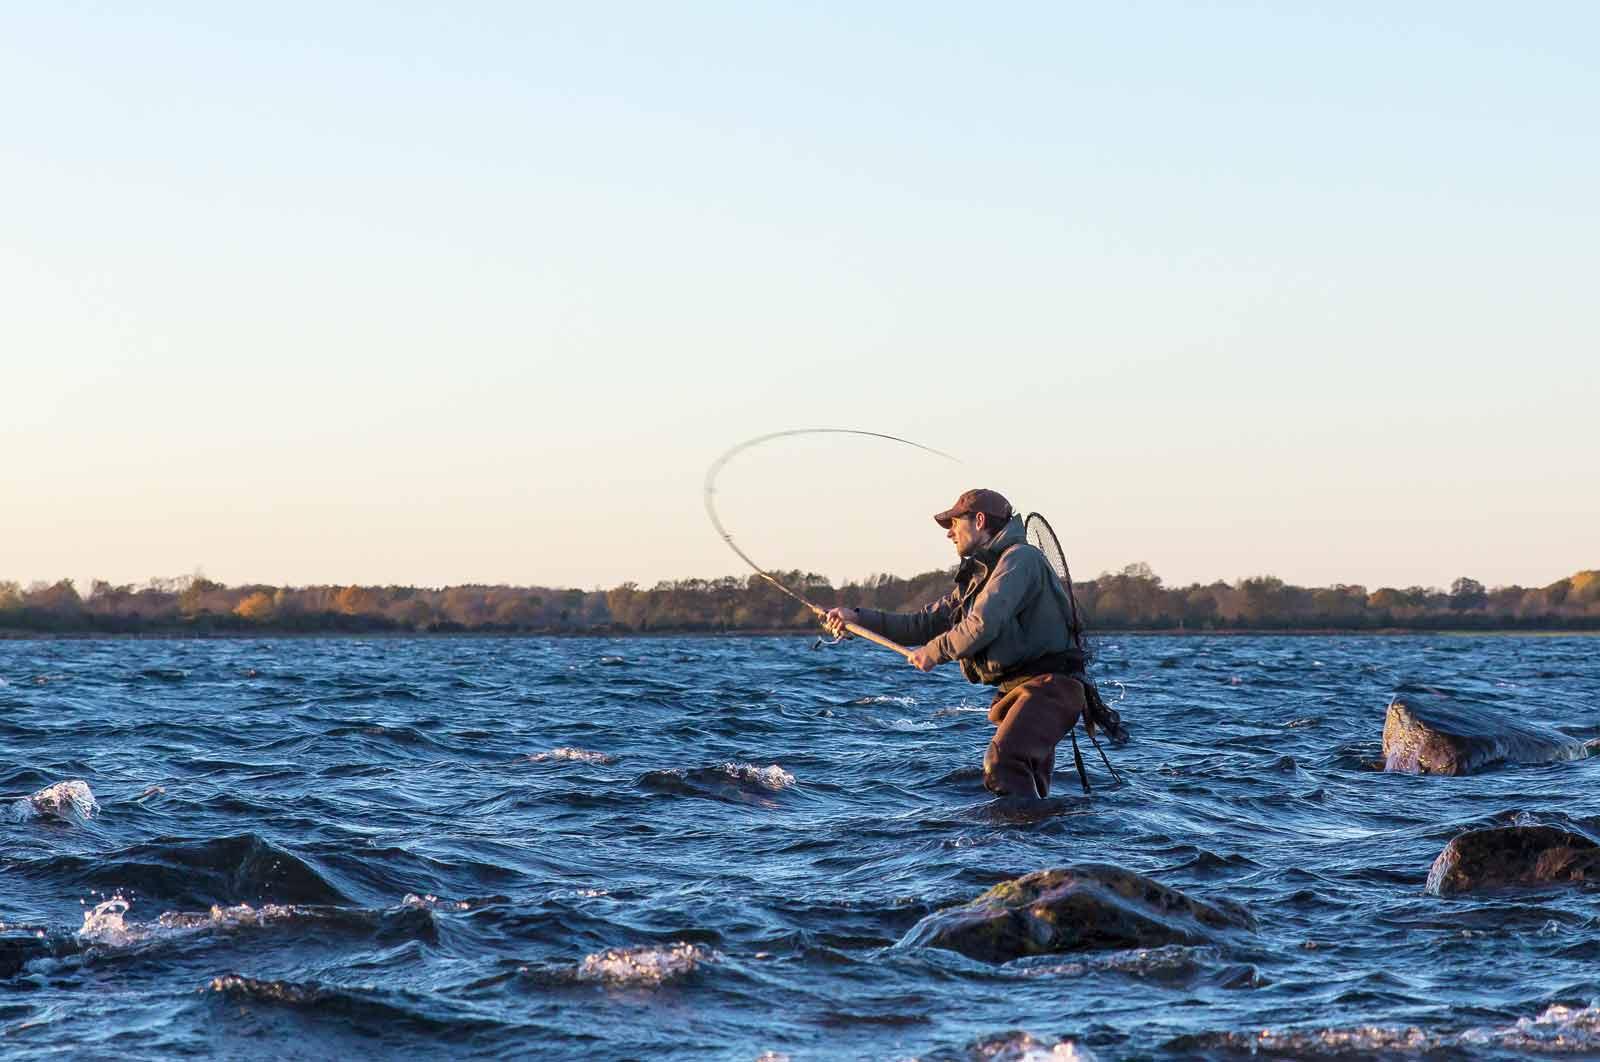 Waders ger vigtige til kystfiskeri